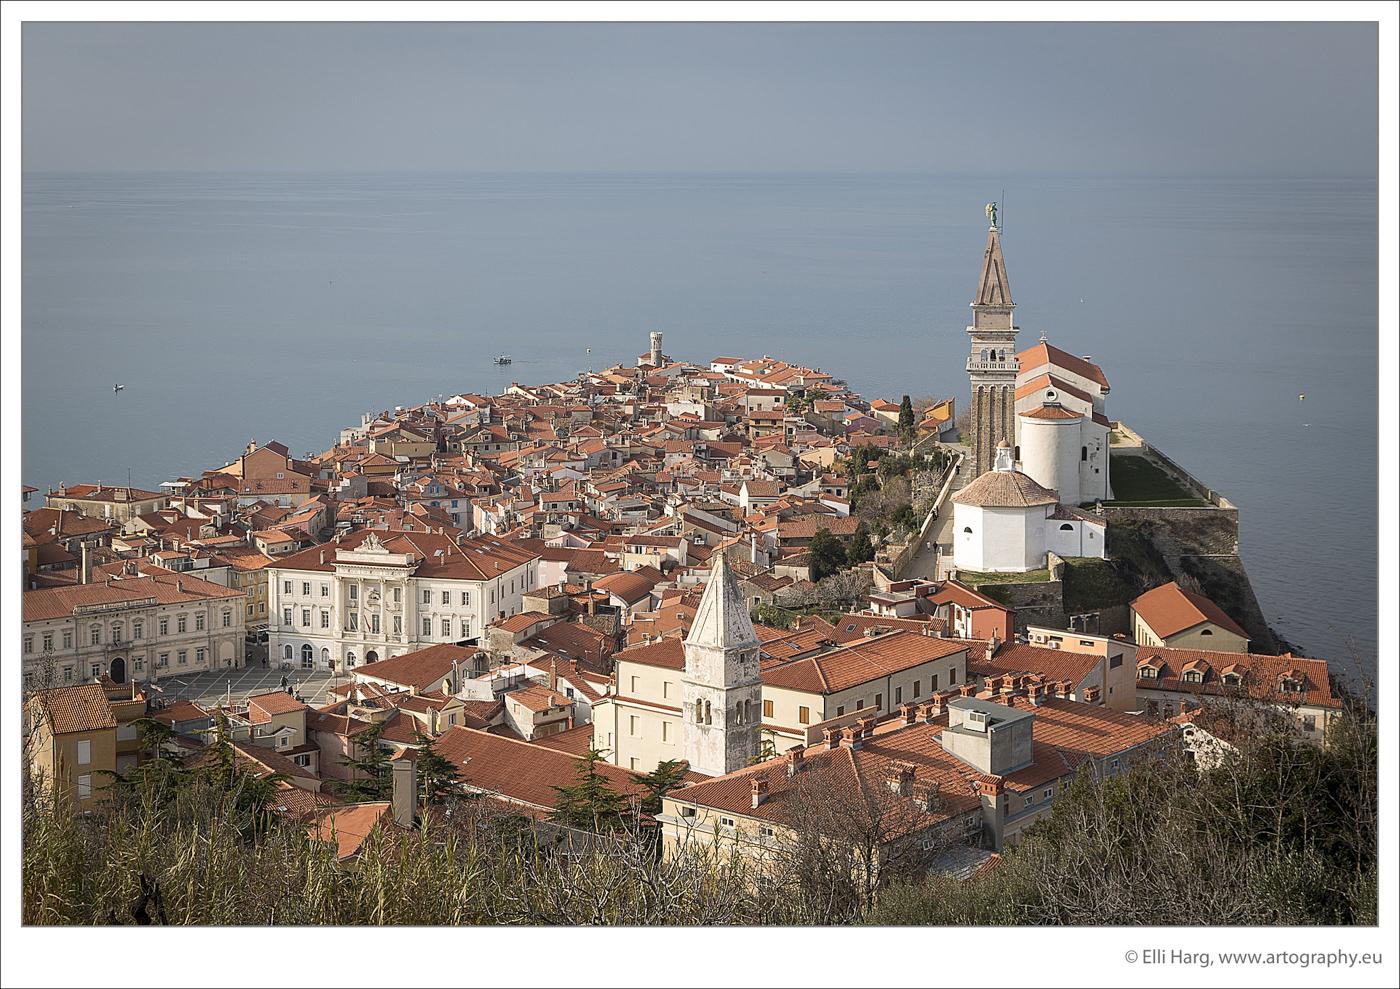 Sicht auf Piran von der Stadtmauer aus